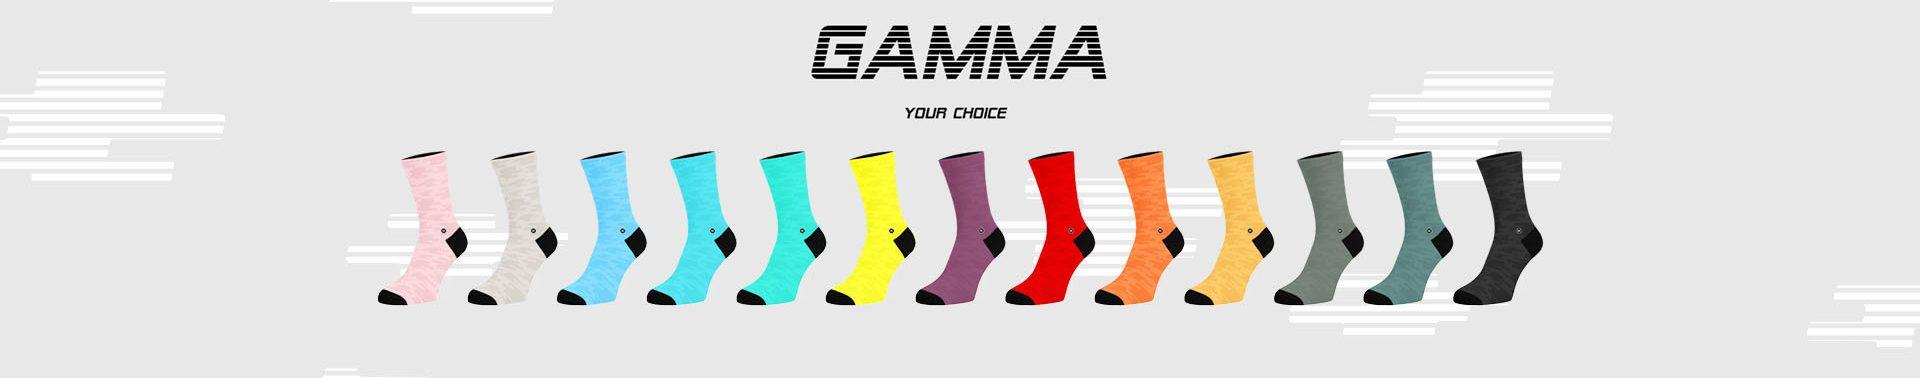 slider_gamma_v3